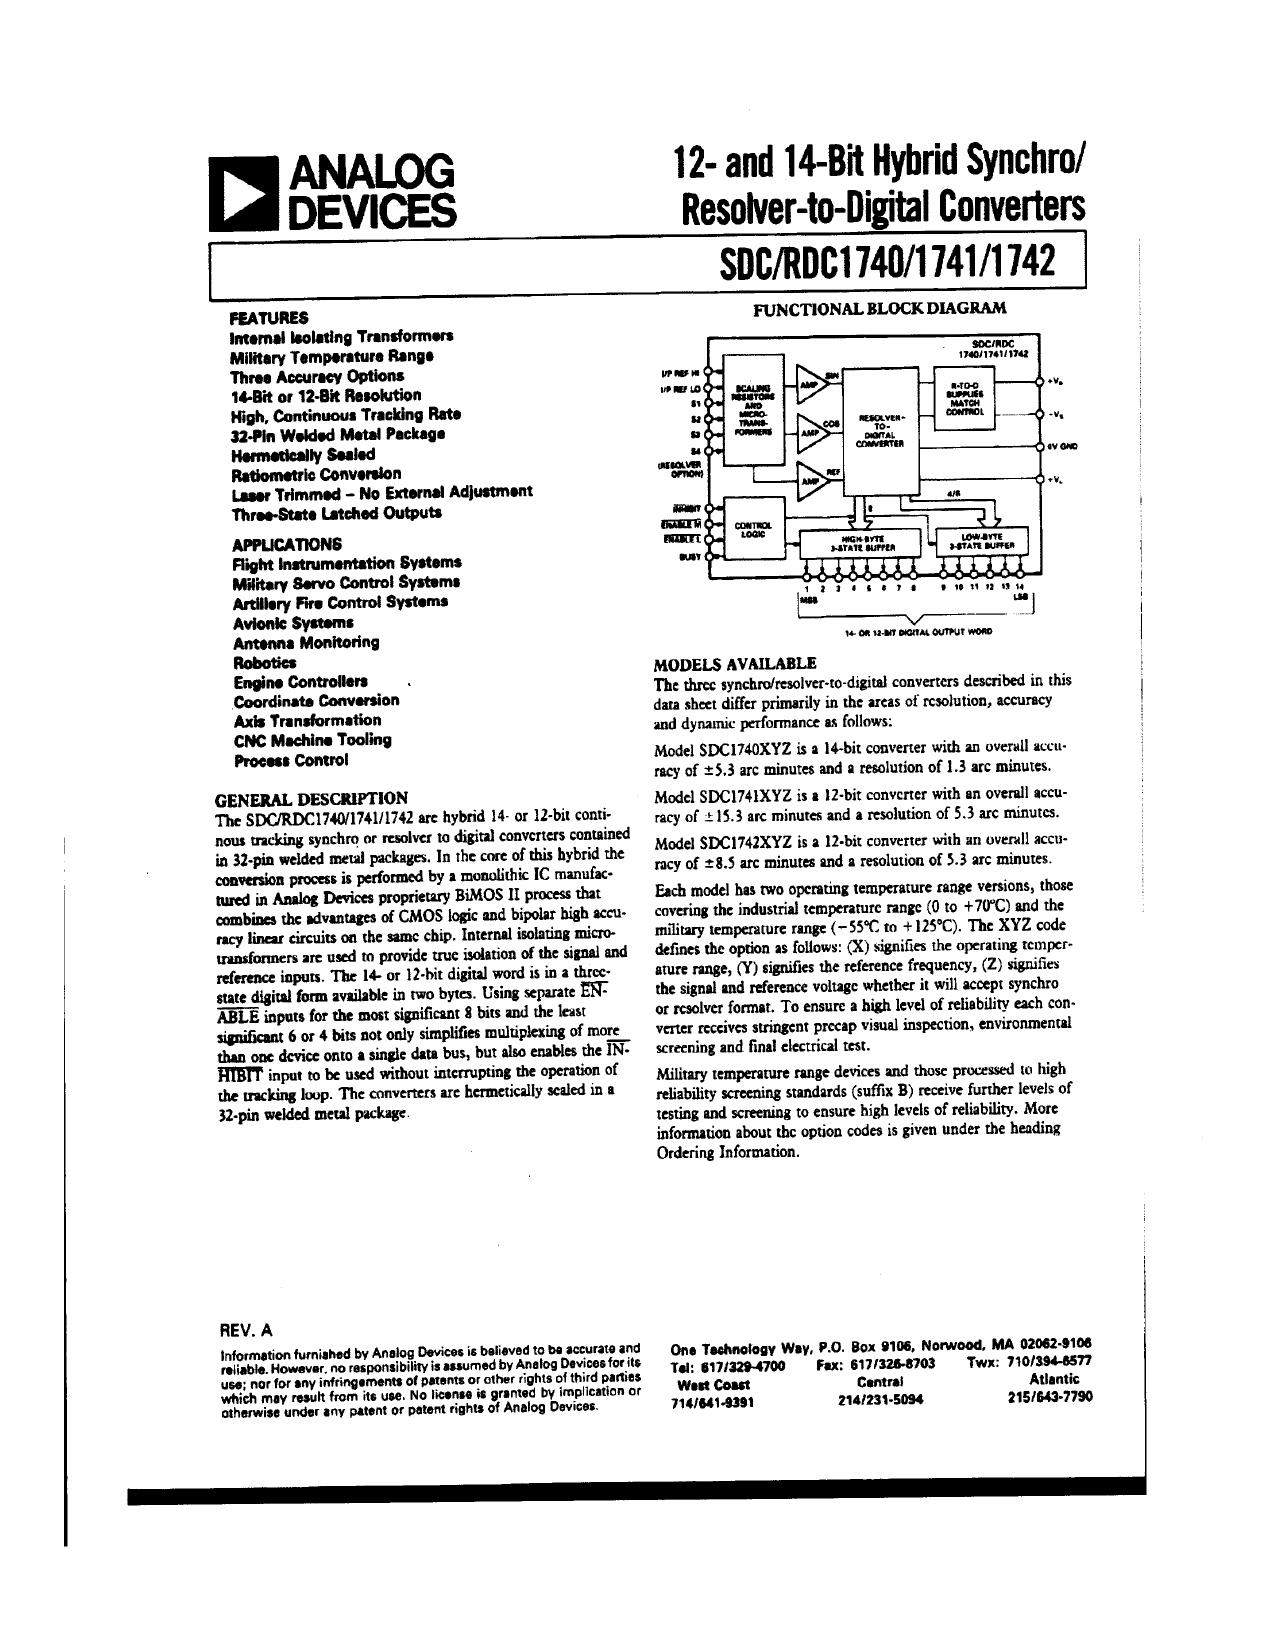 sdc1741 datasheet pdf   pinout     resolver